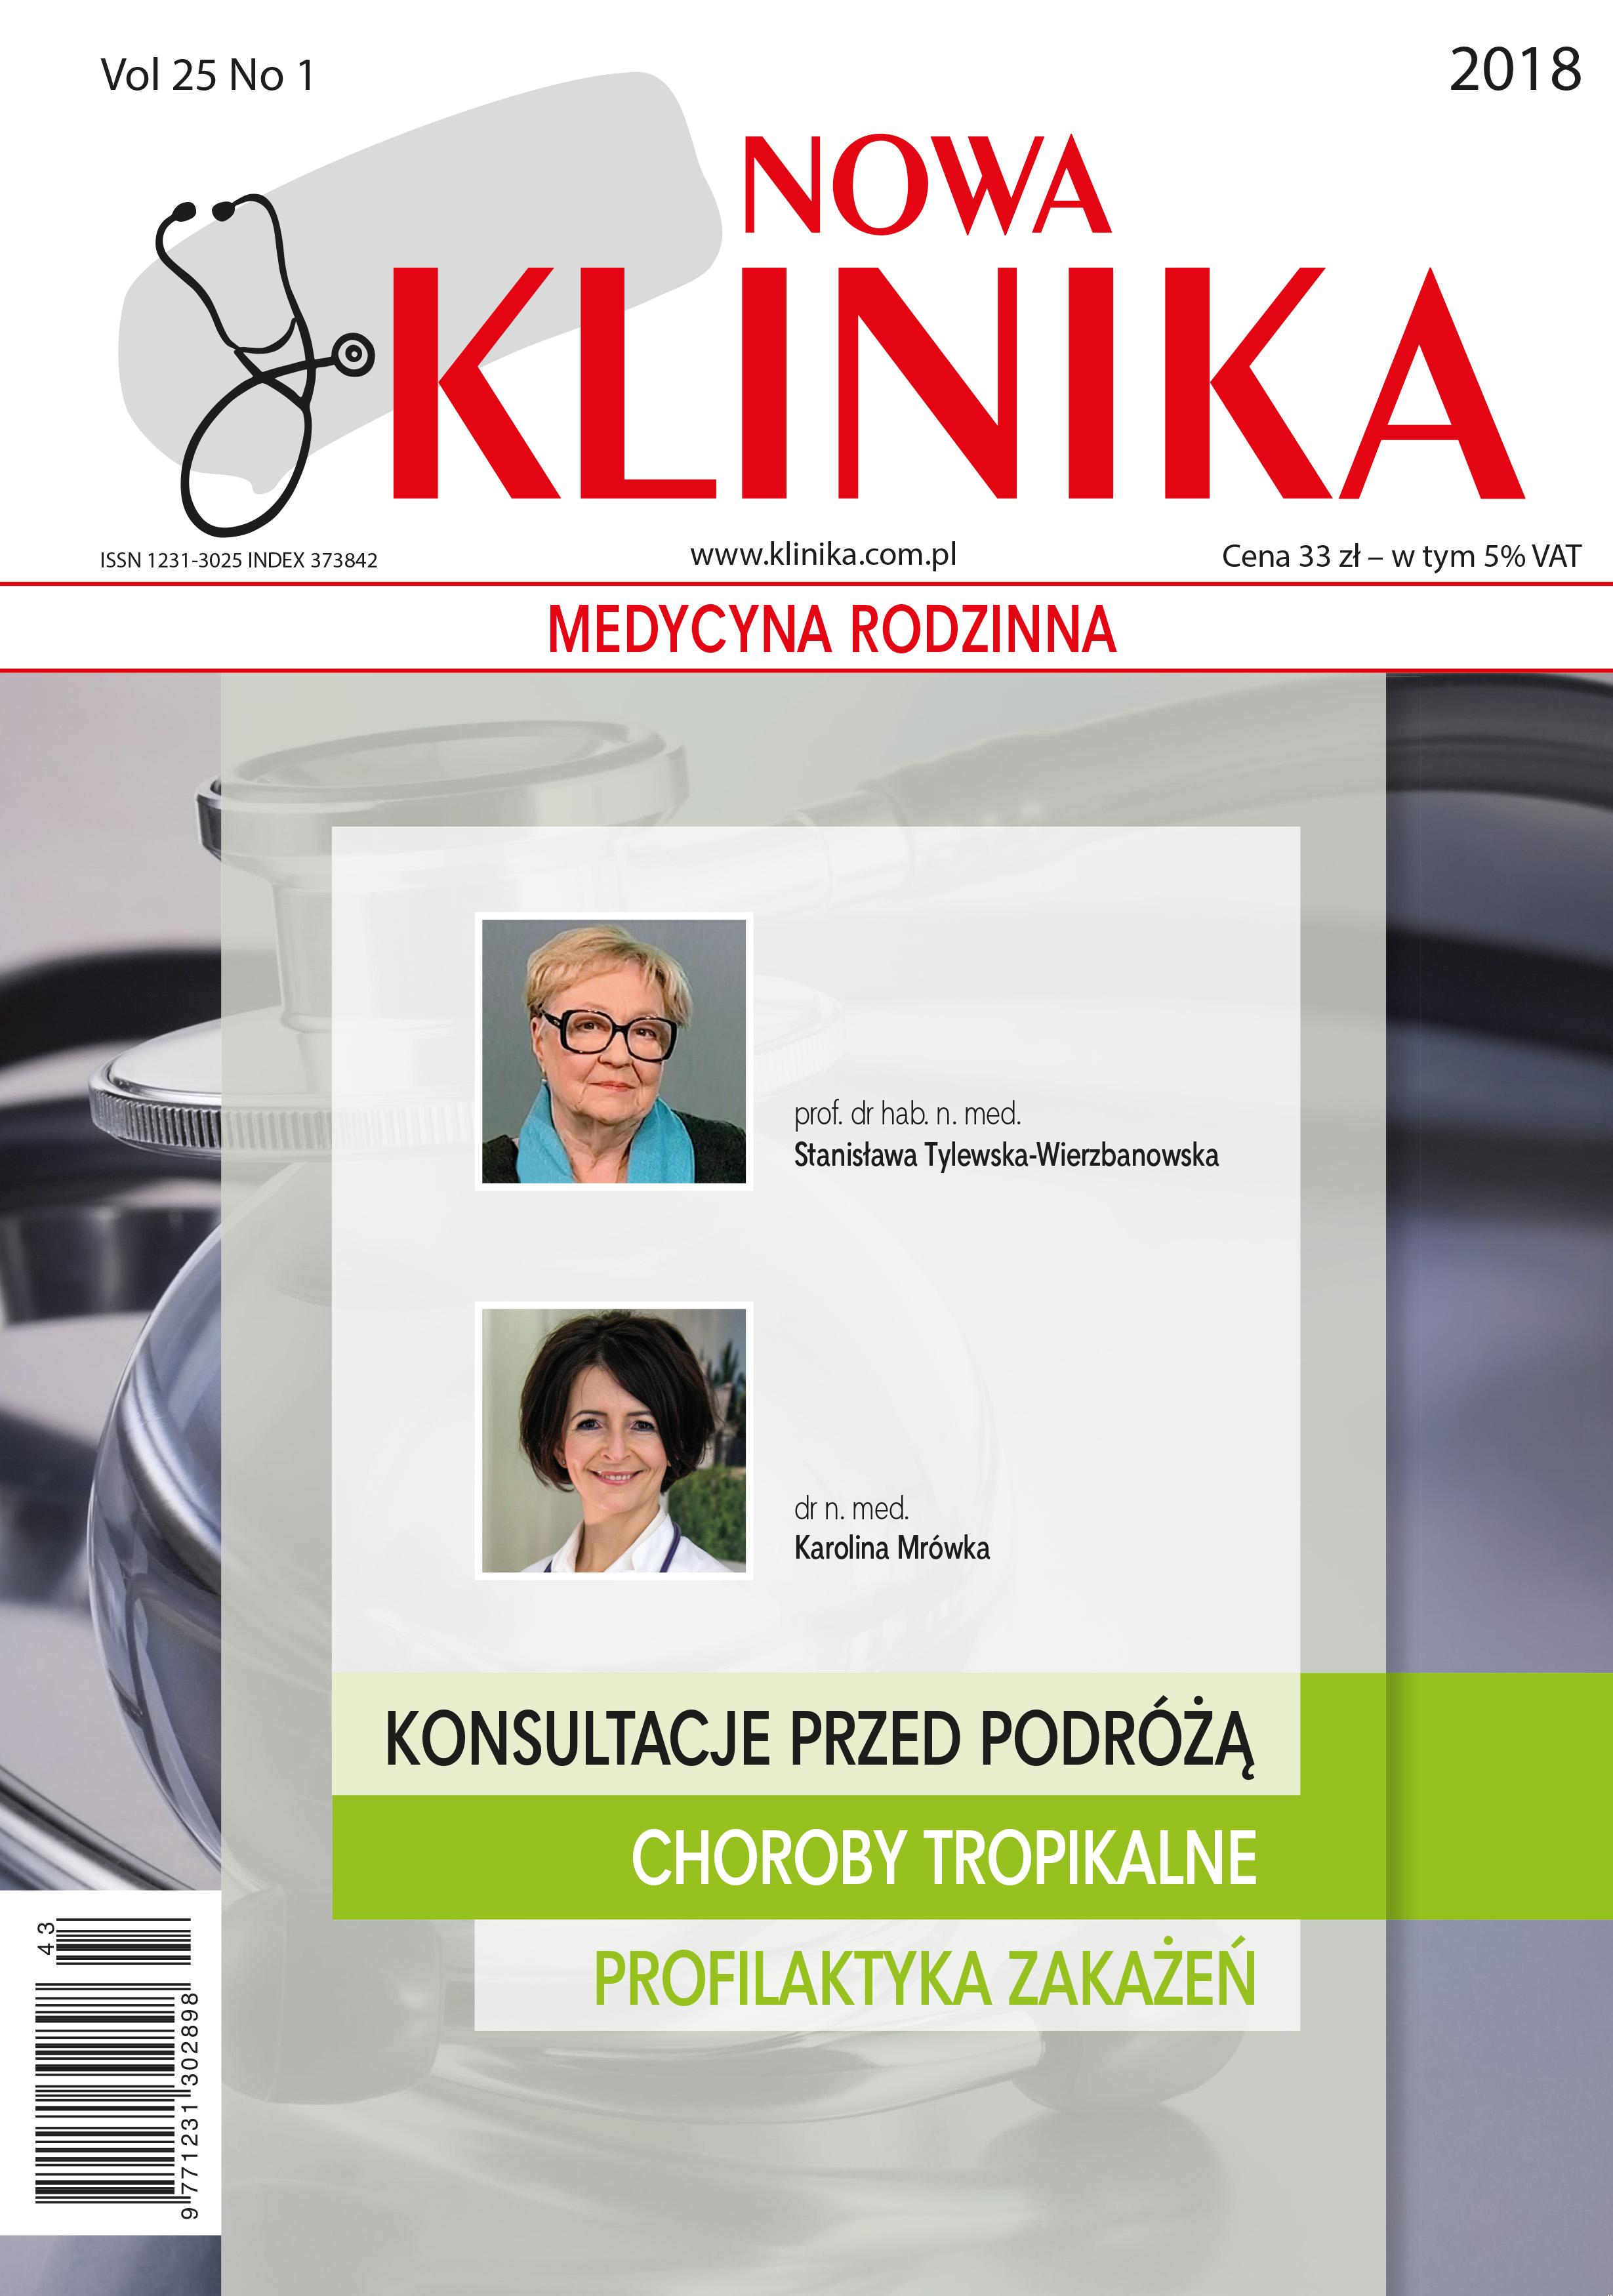 KN 1/2018 - Choroby Tropikalne, Profilaktyka zakażeń